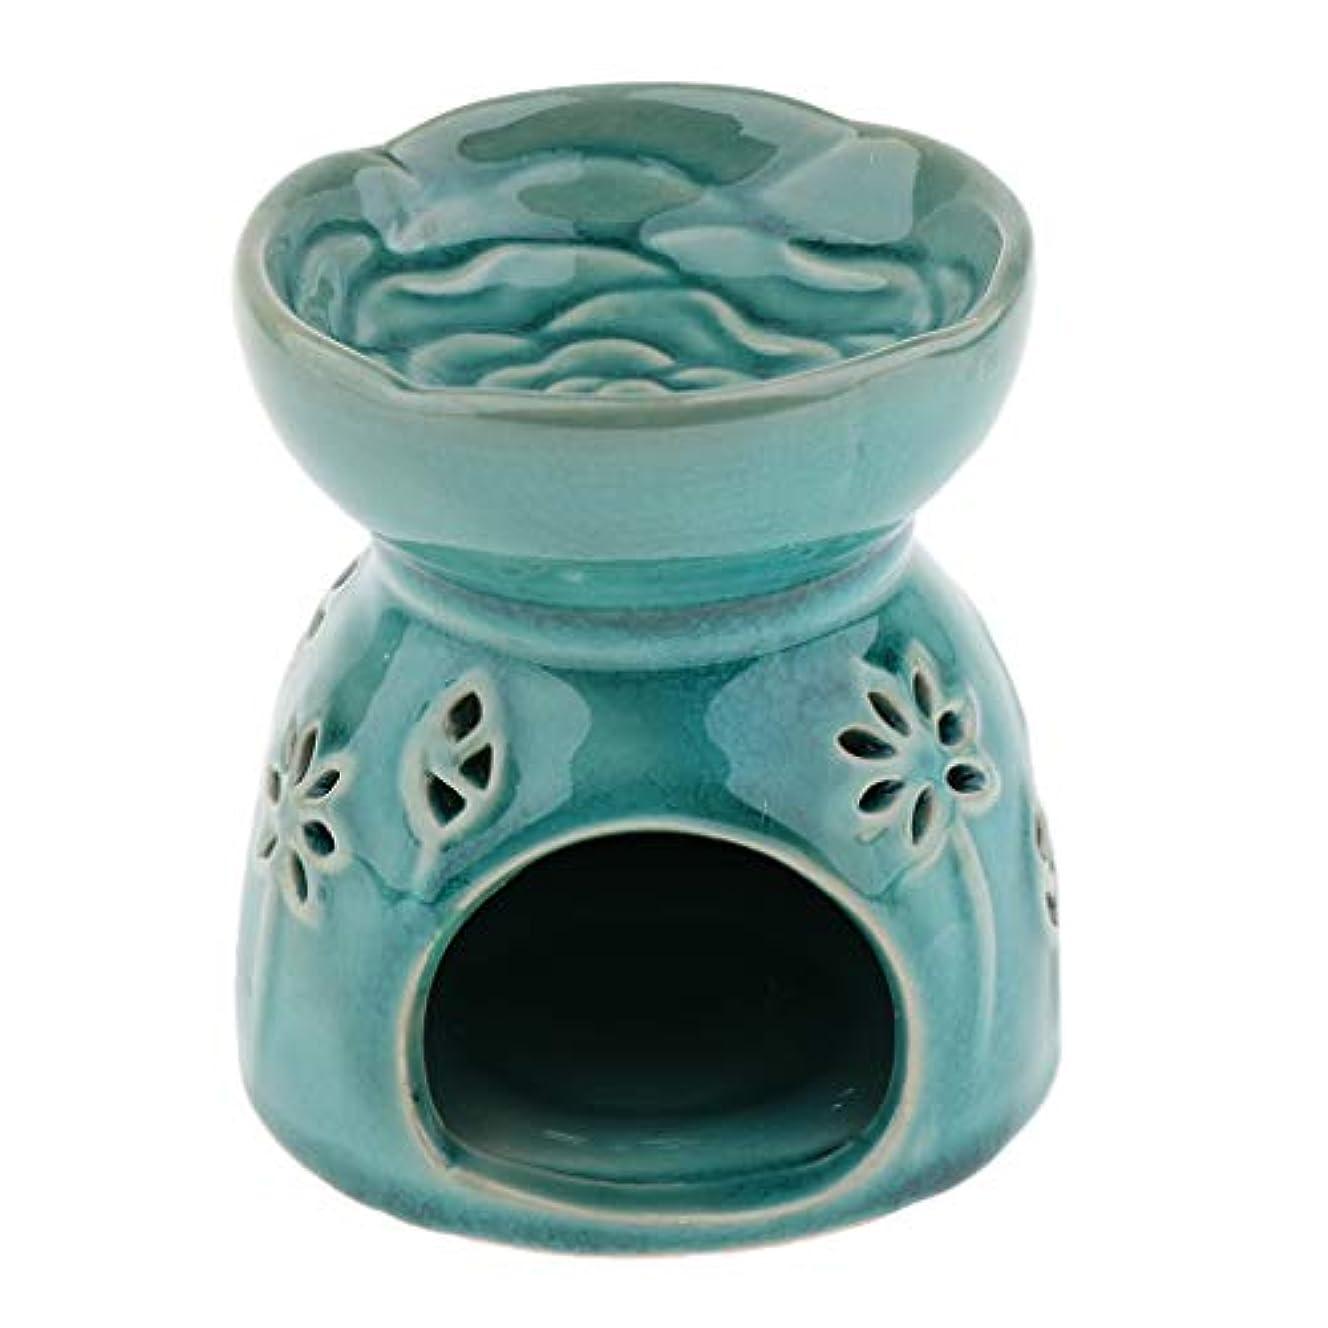 地域居住者眉全2色 アロマディフューザー エッセンシャルオイルディフューザー バーナー 陶器 置物 インテリア - 青